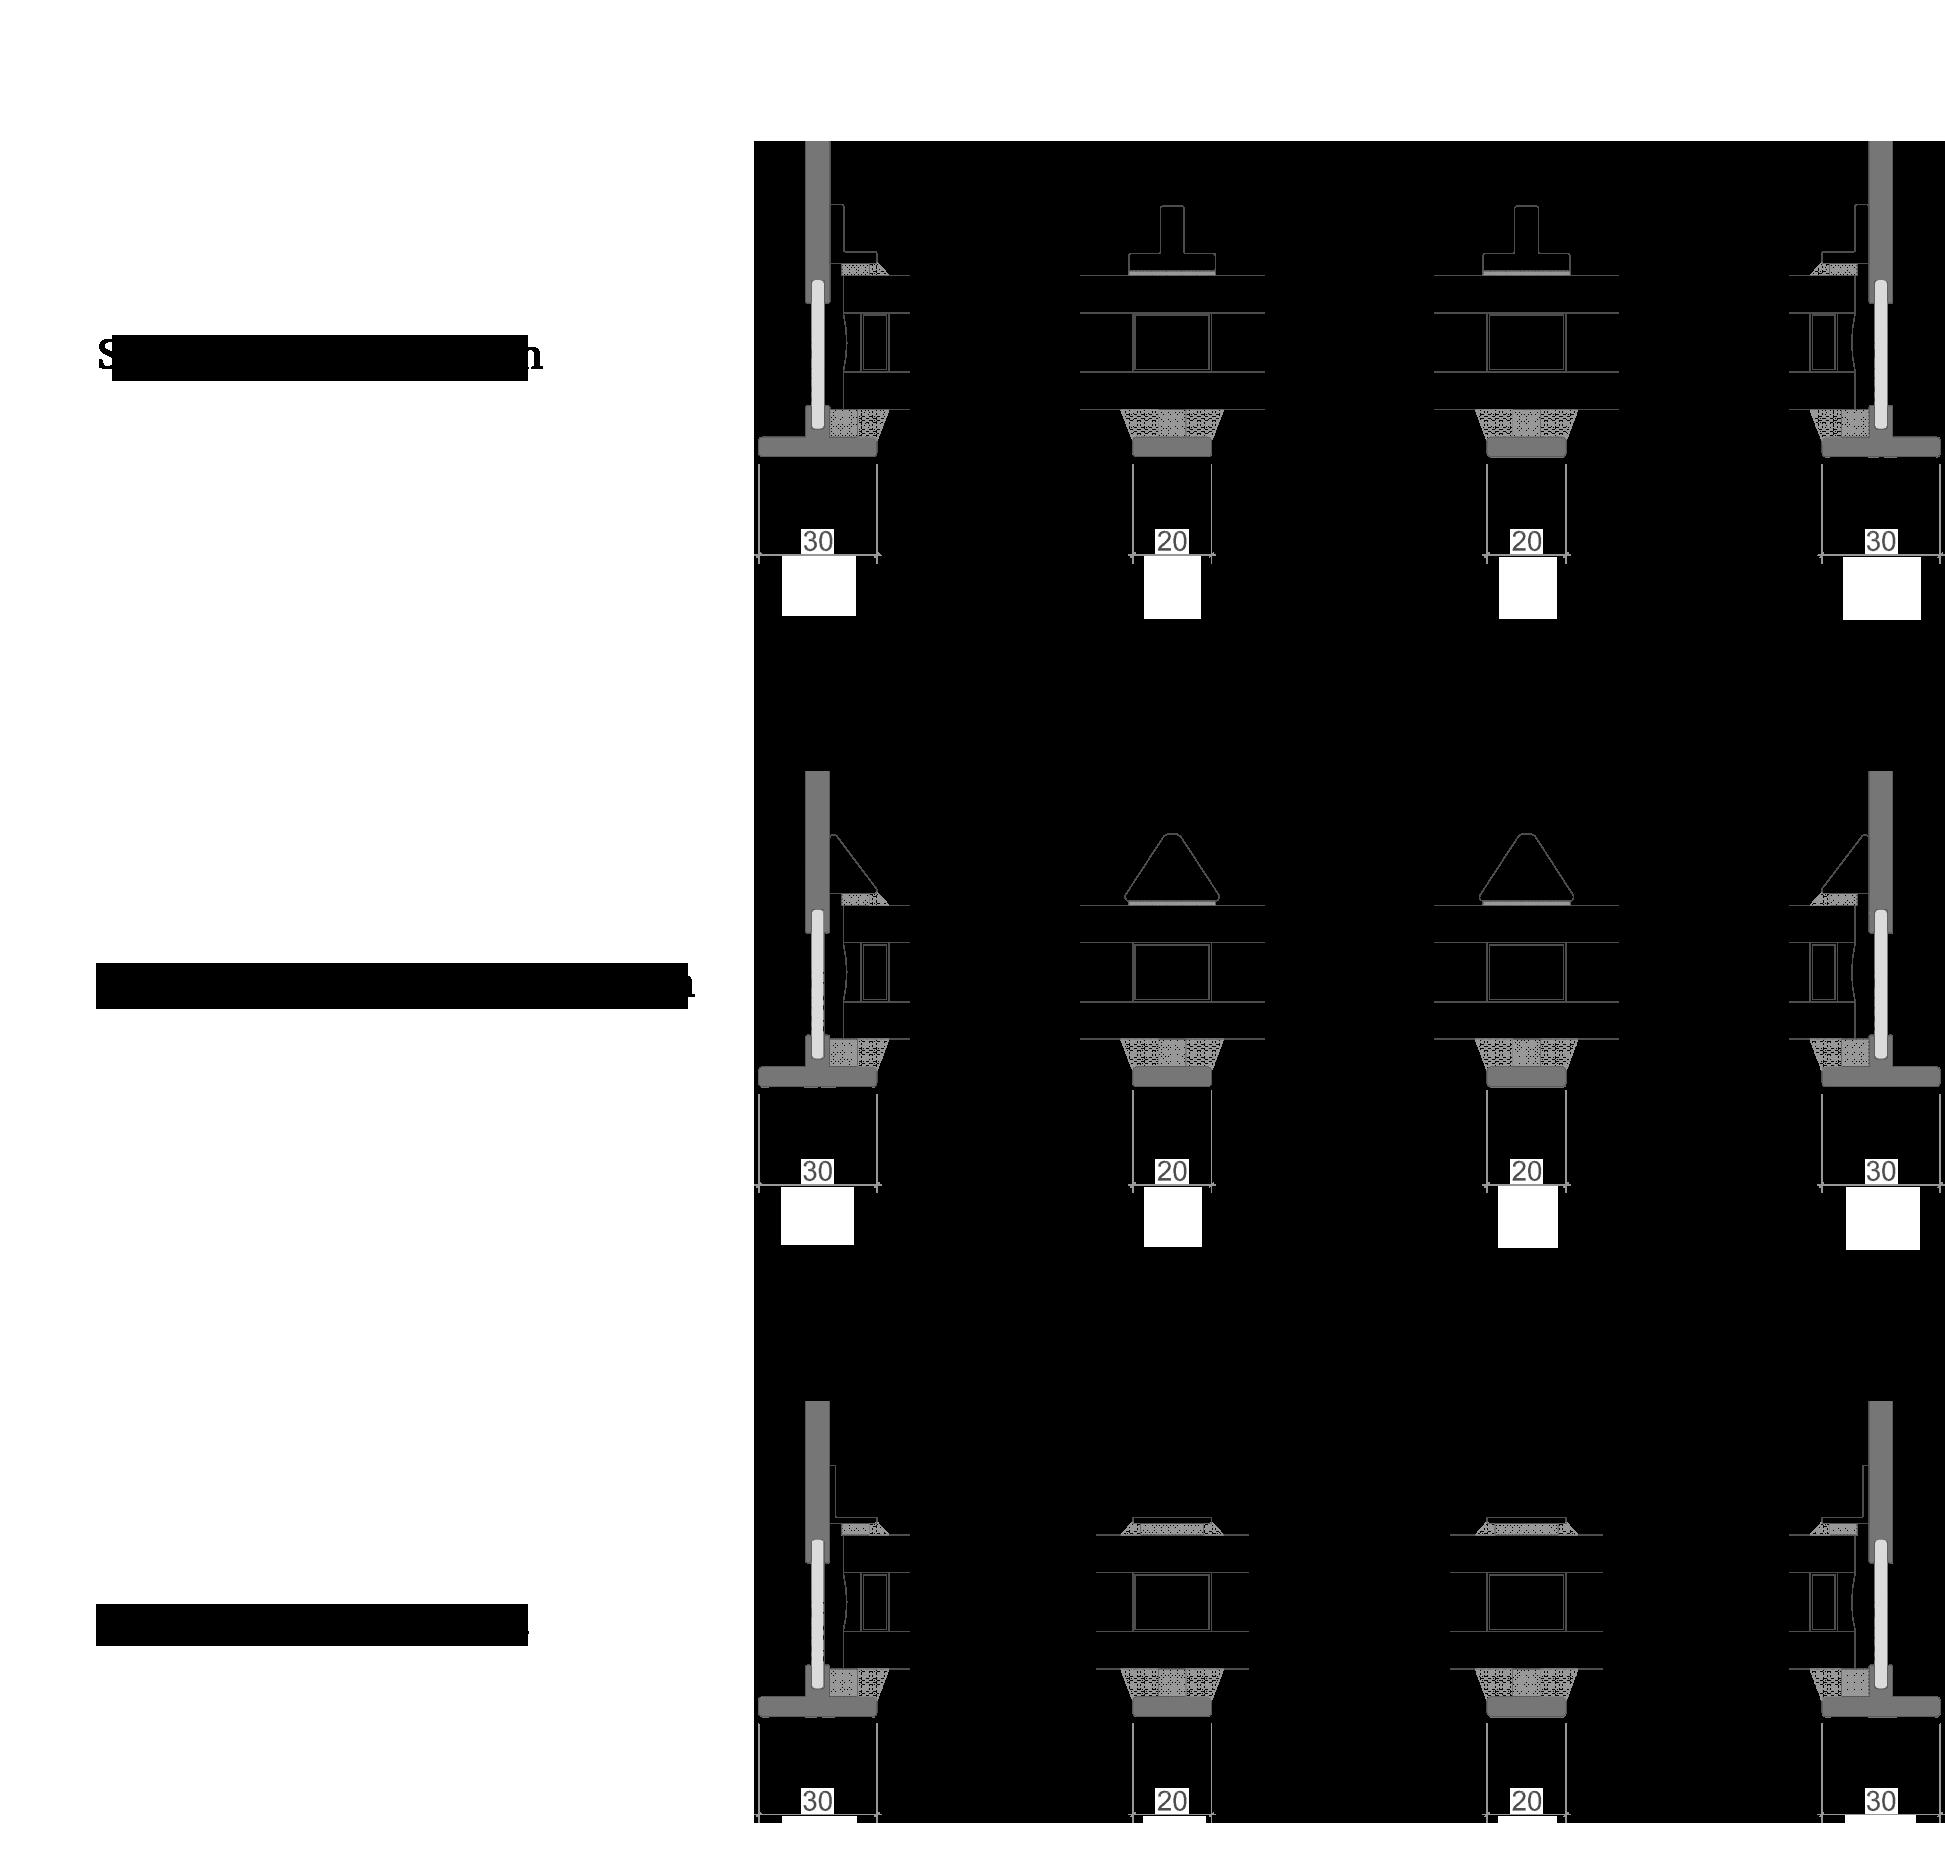 Overzicht van de simulated divided lites (SDL) voor SL30-ISO - NL